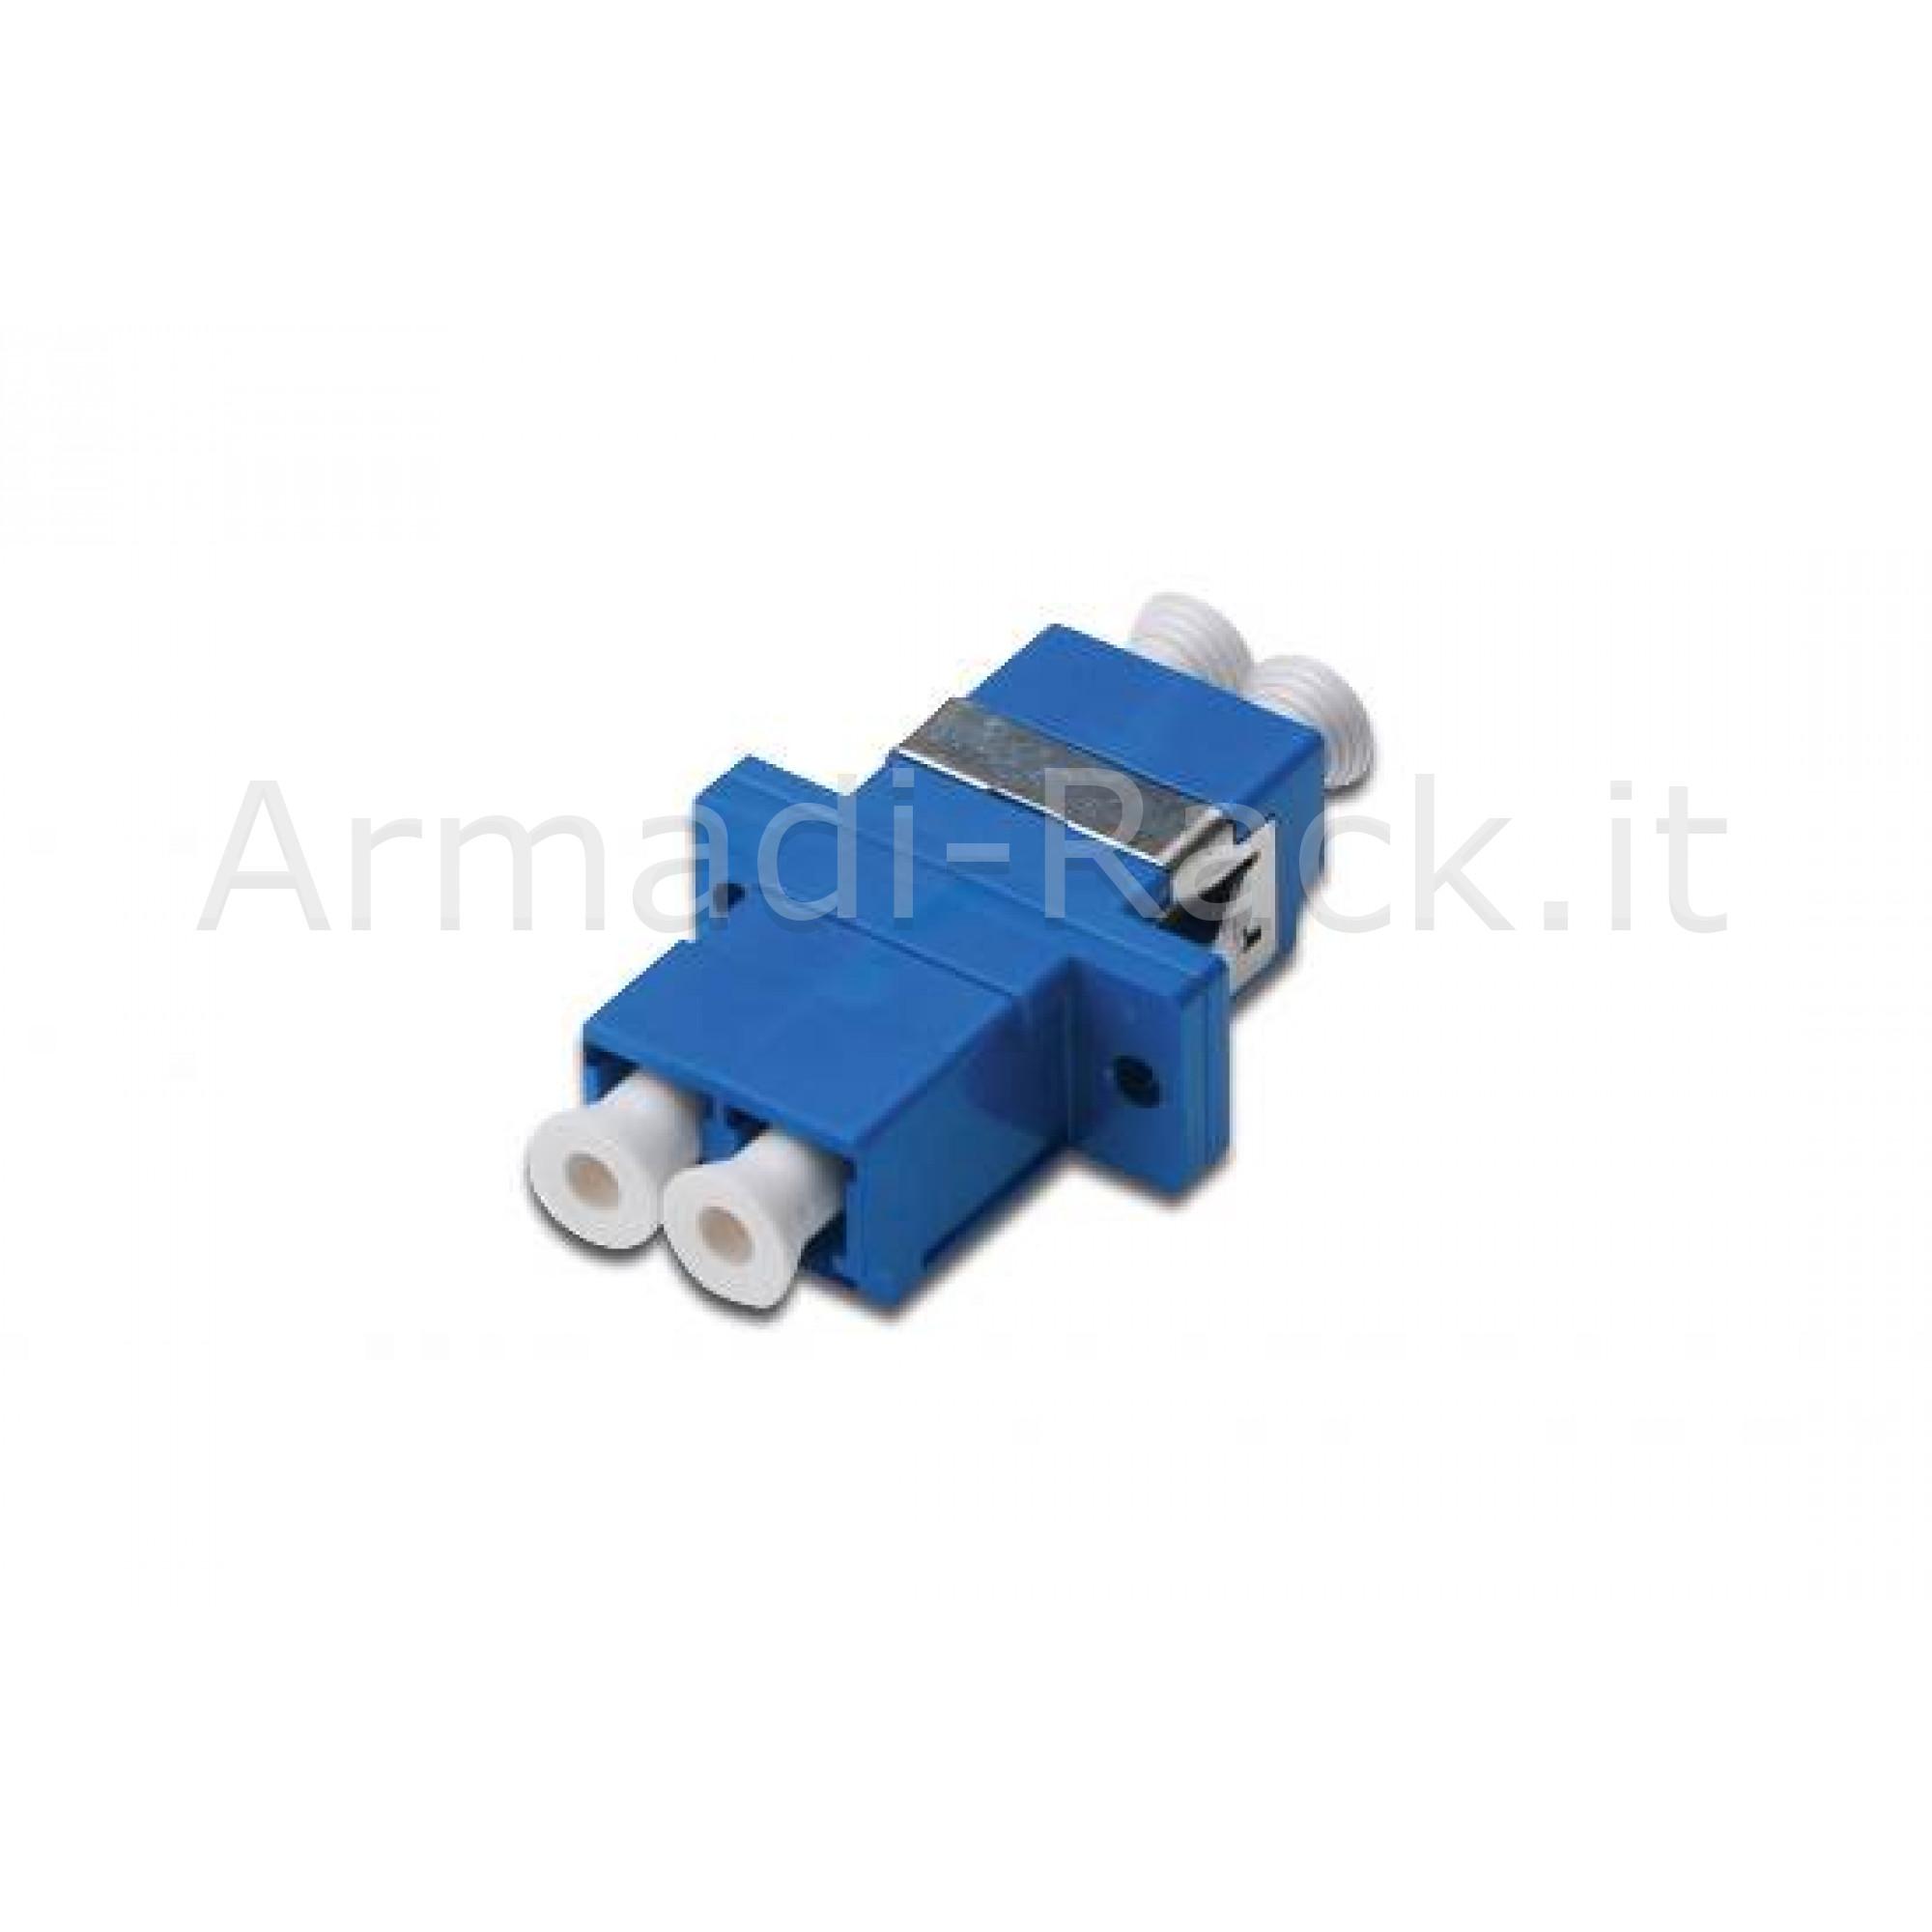 Accoppiatore fibra ottica lc / lc monomodale